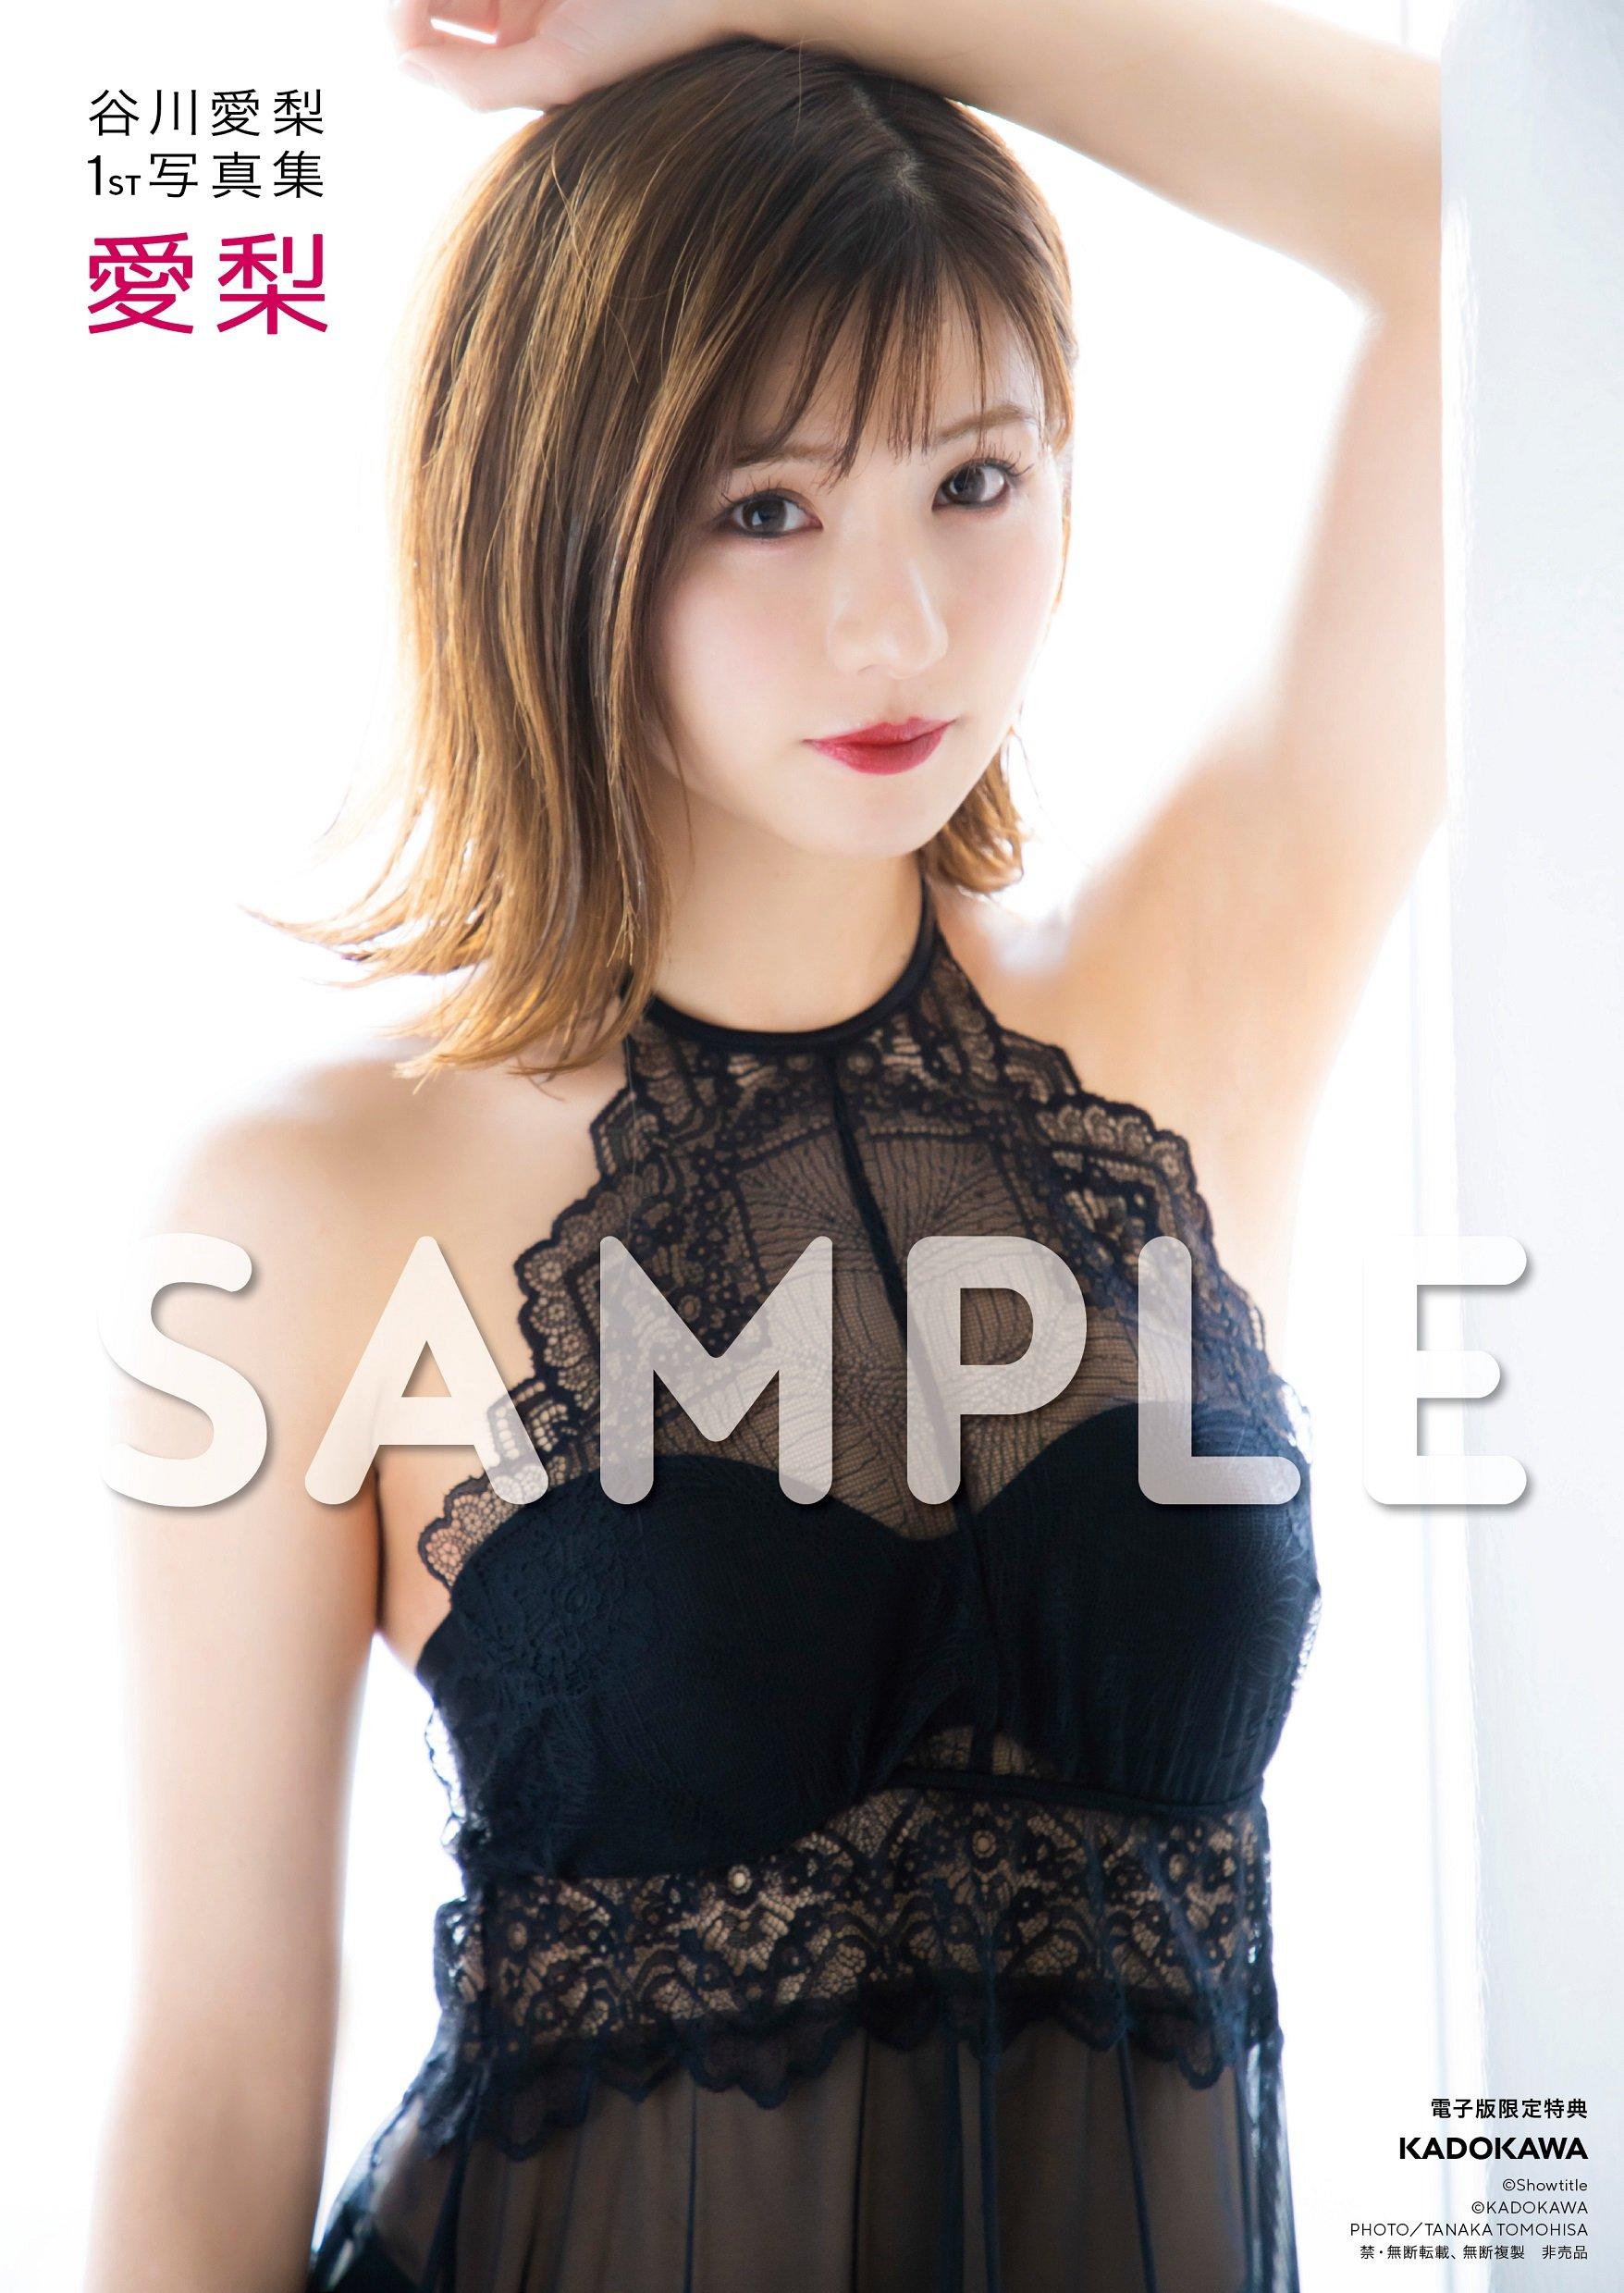 元NMB48谷川愛梨が人生初の下着姿に挑戦した1st写真集を発売!【画像10枚】の画像009